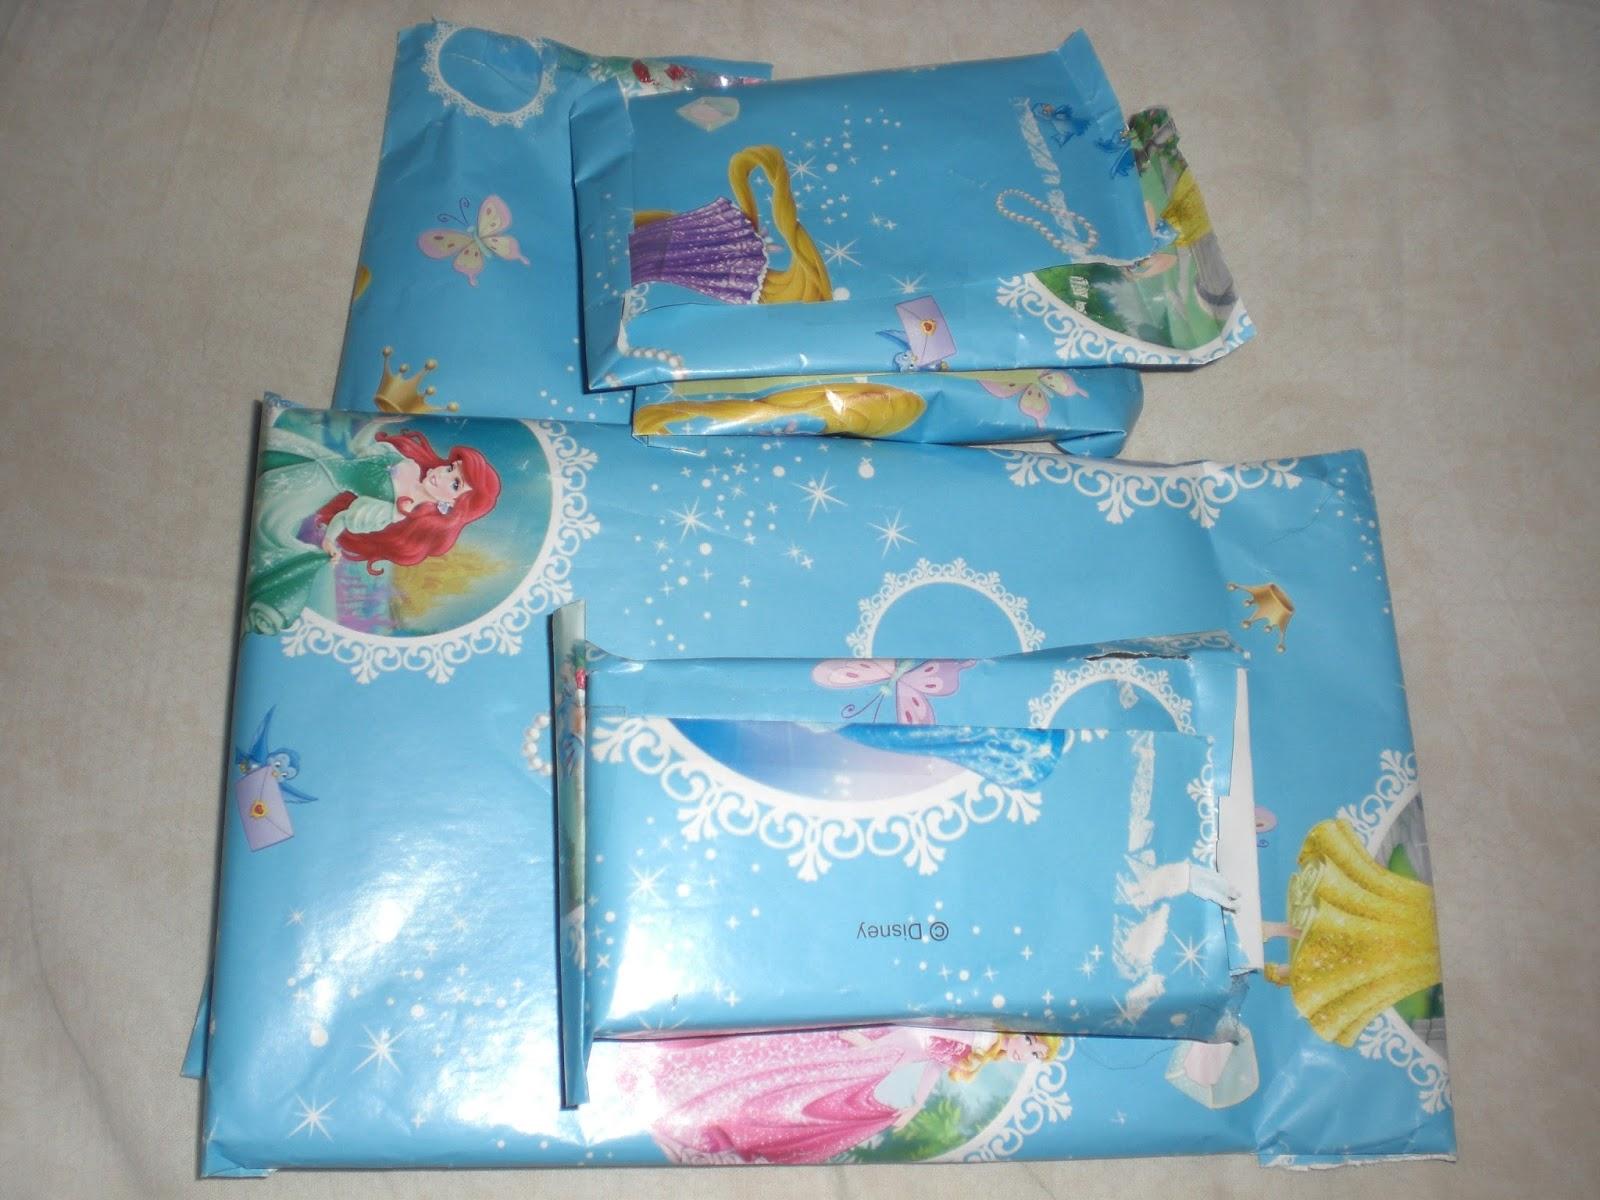 Nora acrazycreative i miei regali di compleanno dai siti for Siti di regali